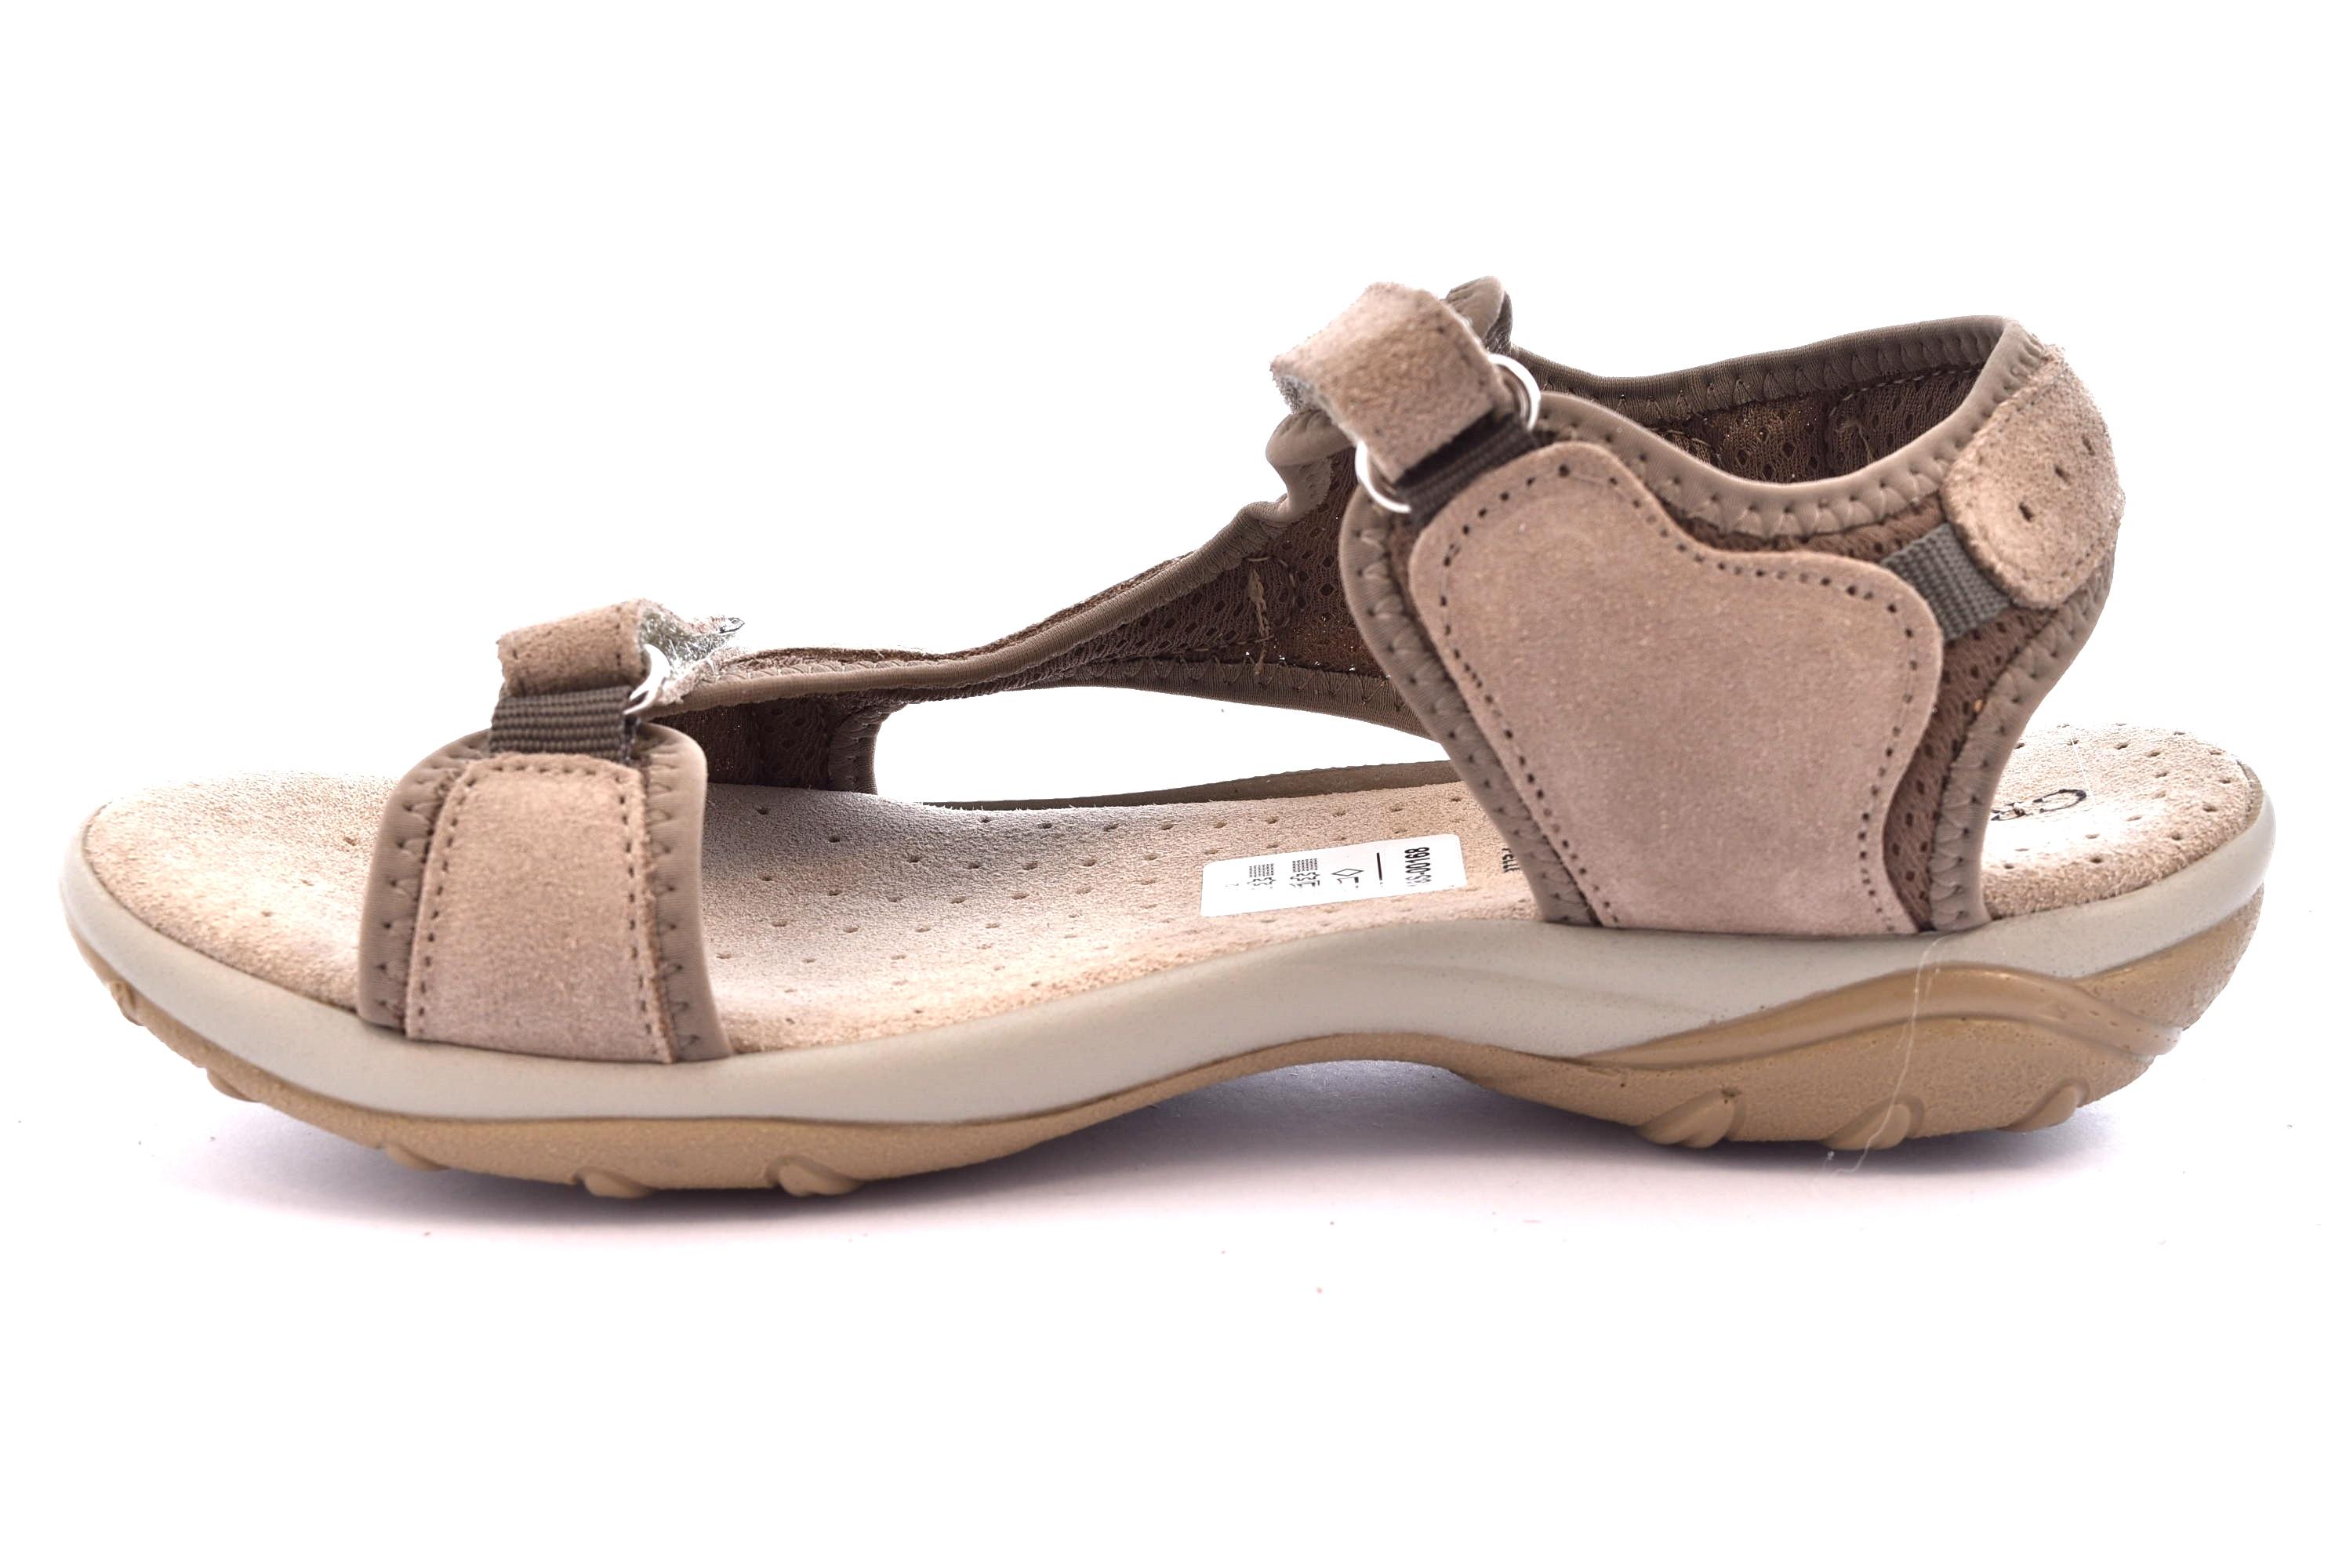 ... GRUNLAND OLLY SA1585 75 BEIGE TERRA scarpe sandali donna sportivi  strappo f88411e438f